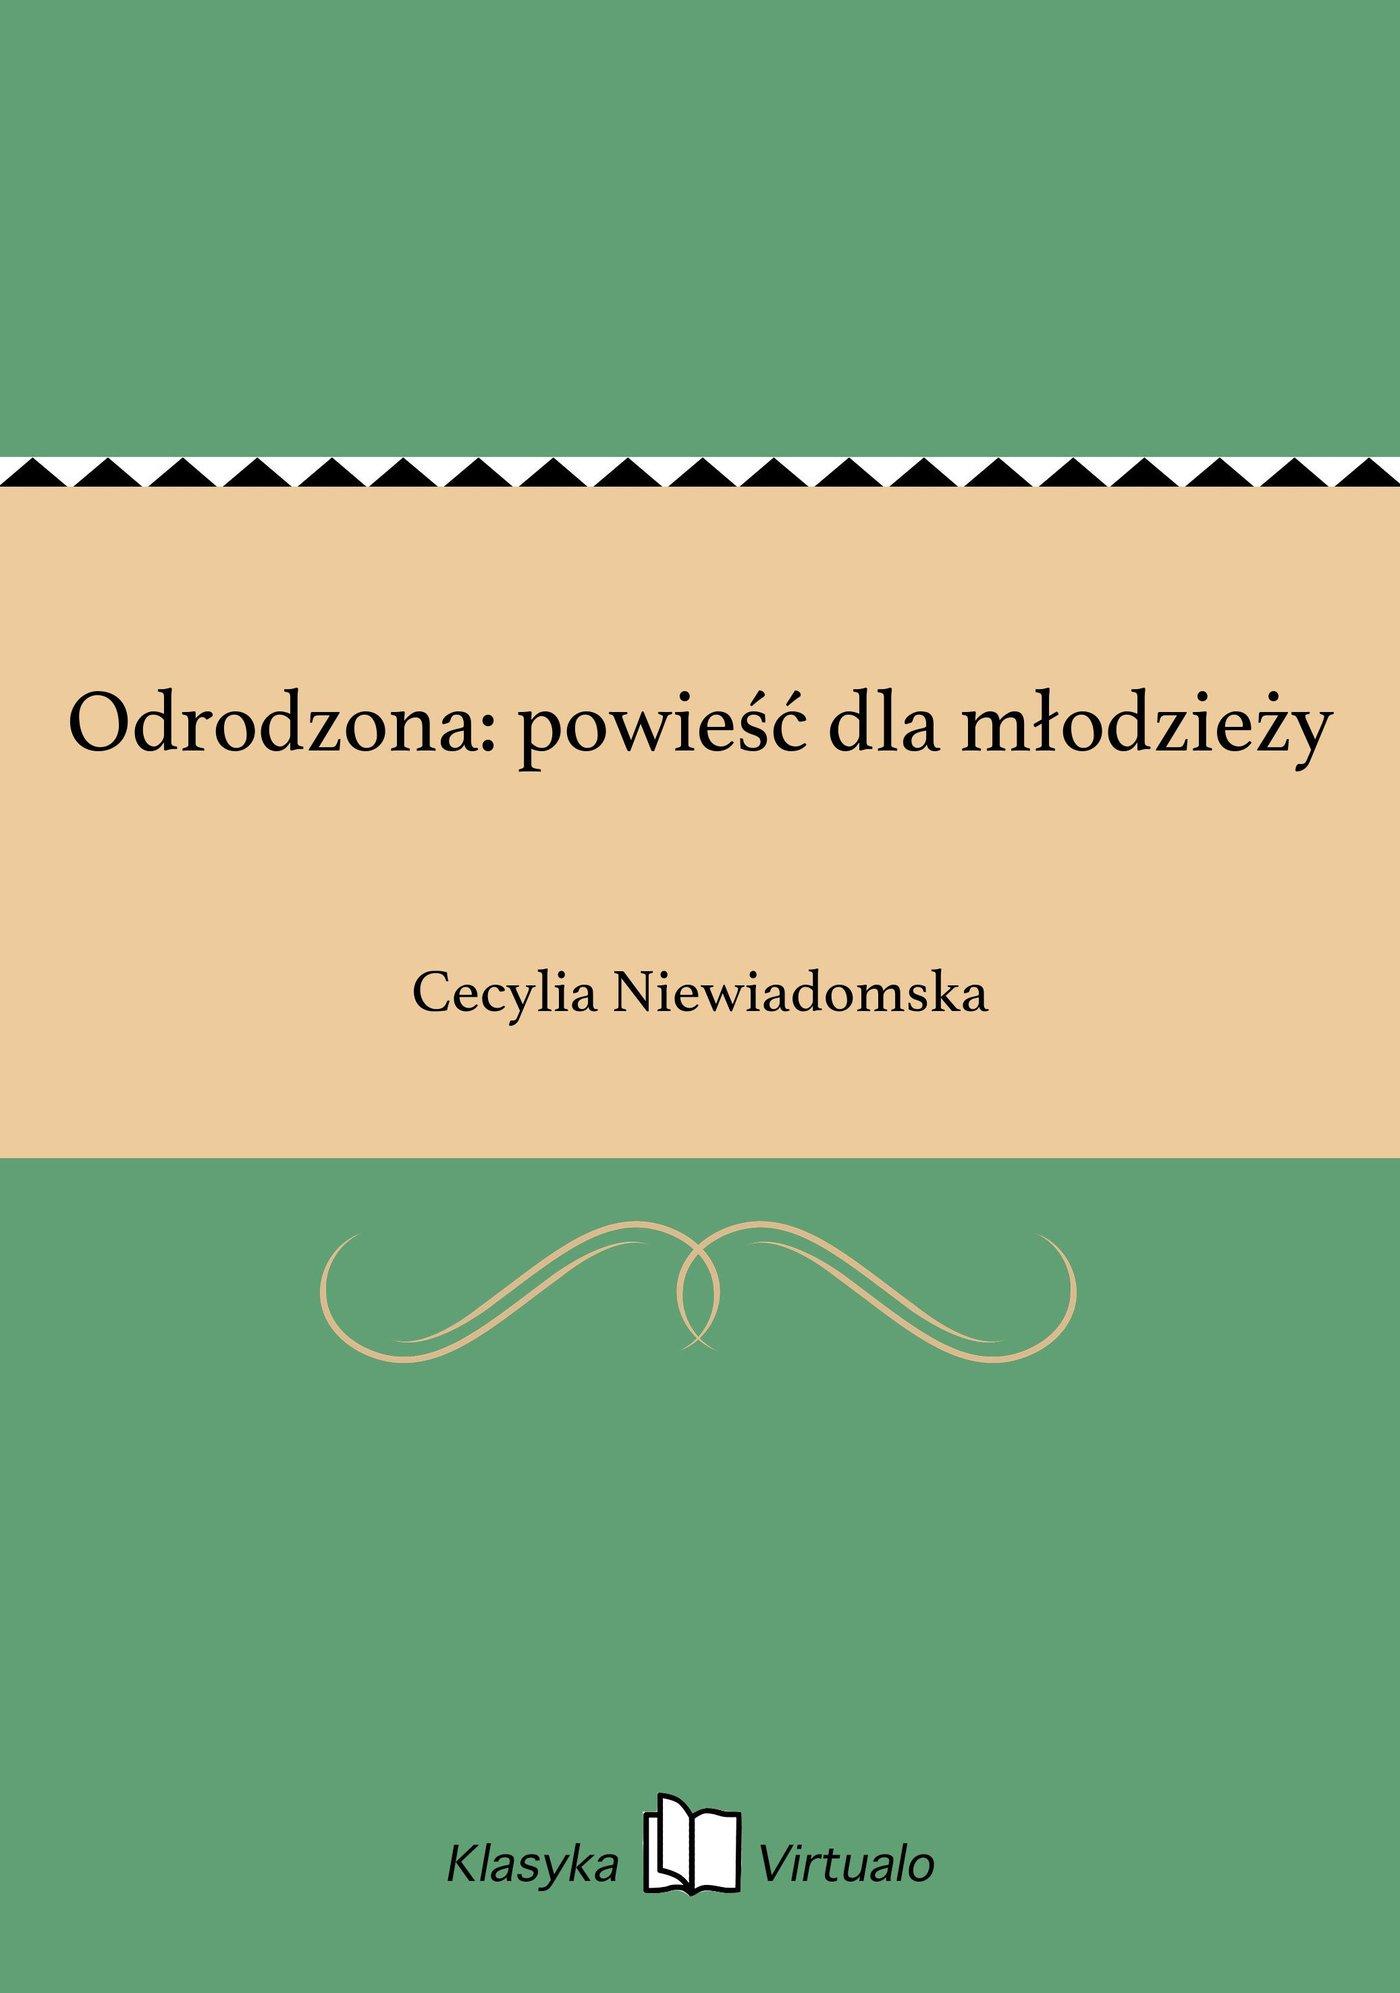 Odrodzona: powieść dla młodzieży - Ebook (Książka na Kindle) do pobrania w formacie MOBI